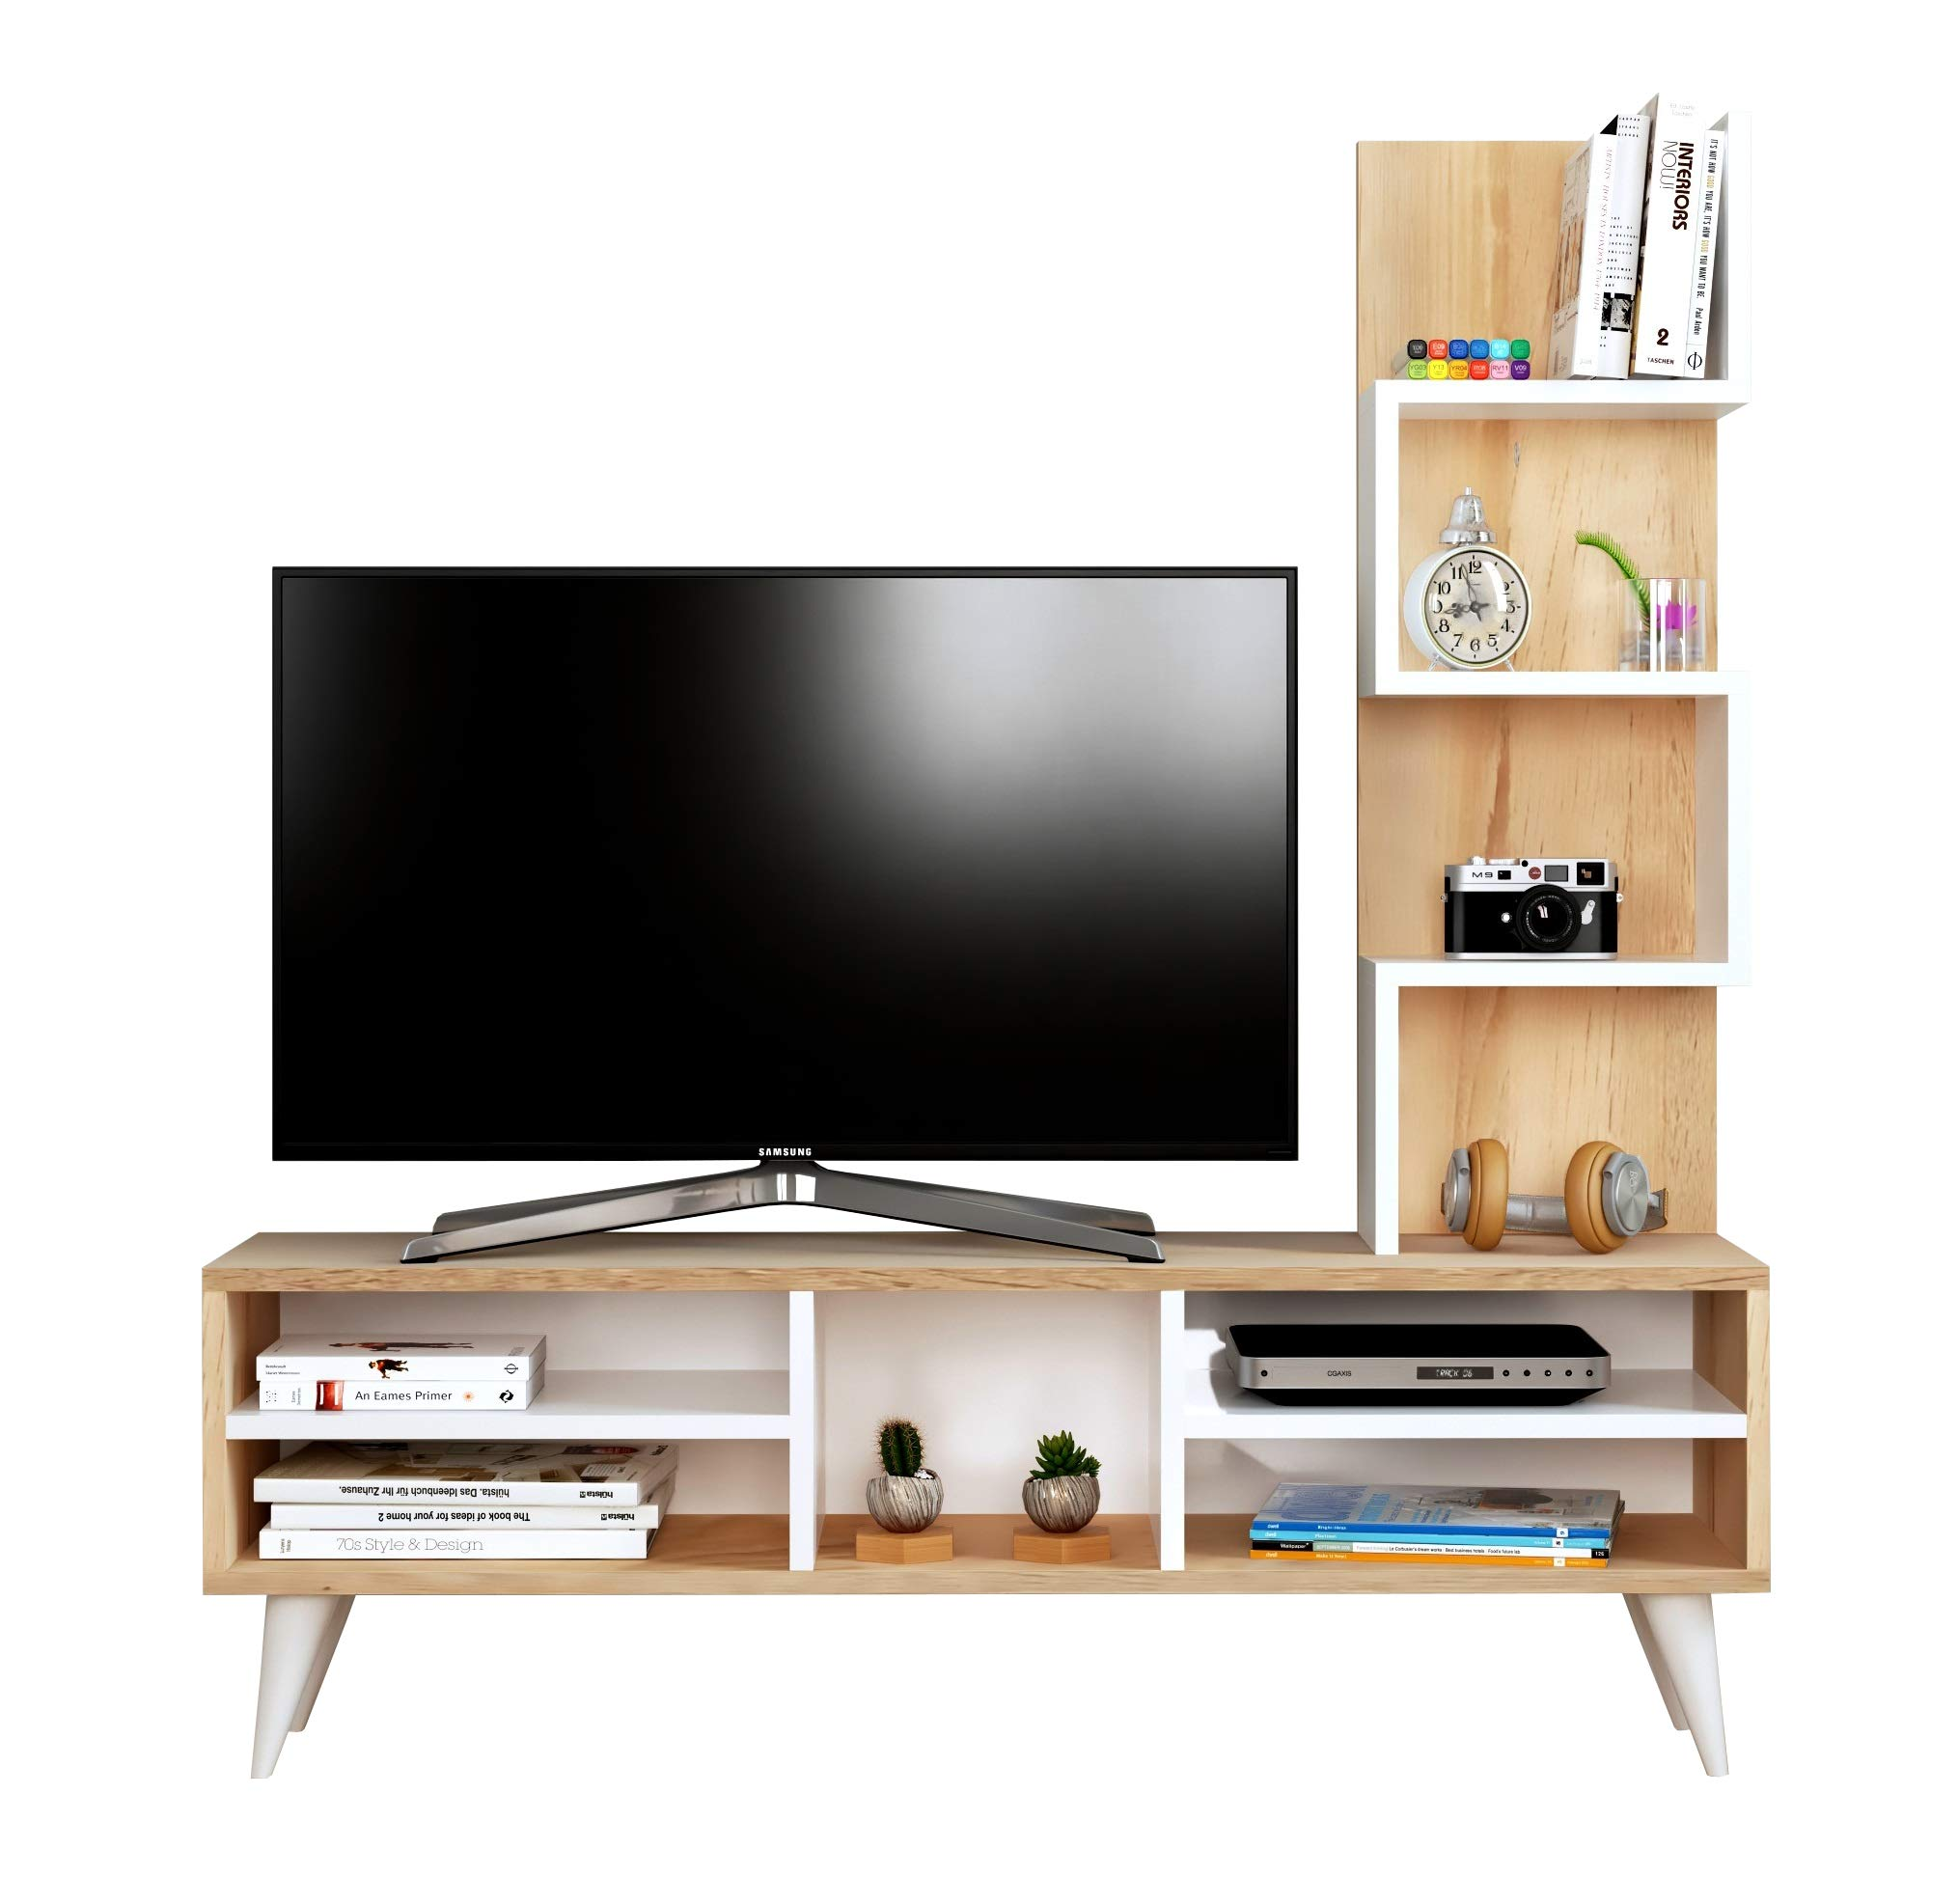 Lily Mueble salón Comedor para televisión - Blanco/Sonoma - Mueble bajo para televisor - Juego de Muebles de salón - Mesa de Televisión en diseño Elegante: Amazon.es: Hogar